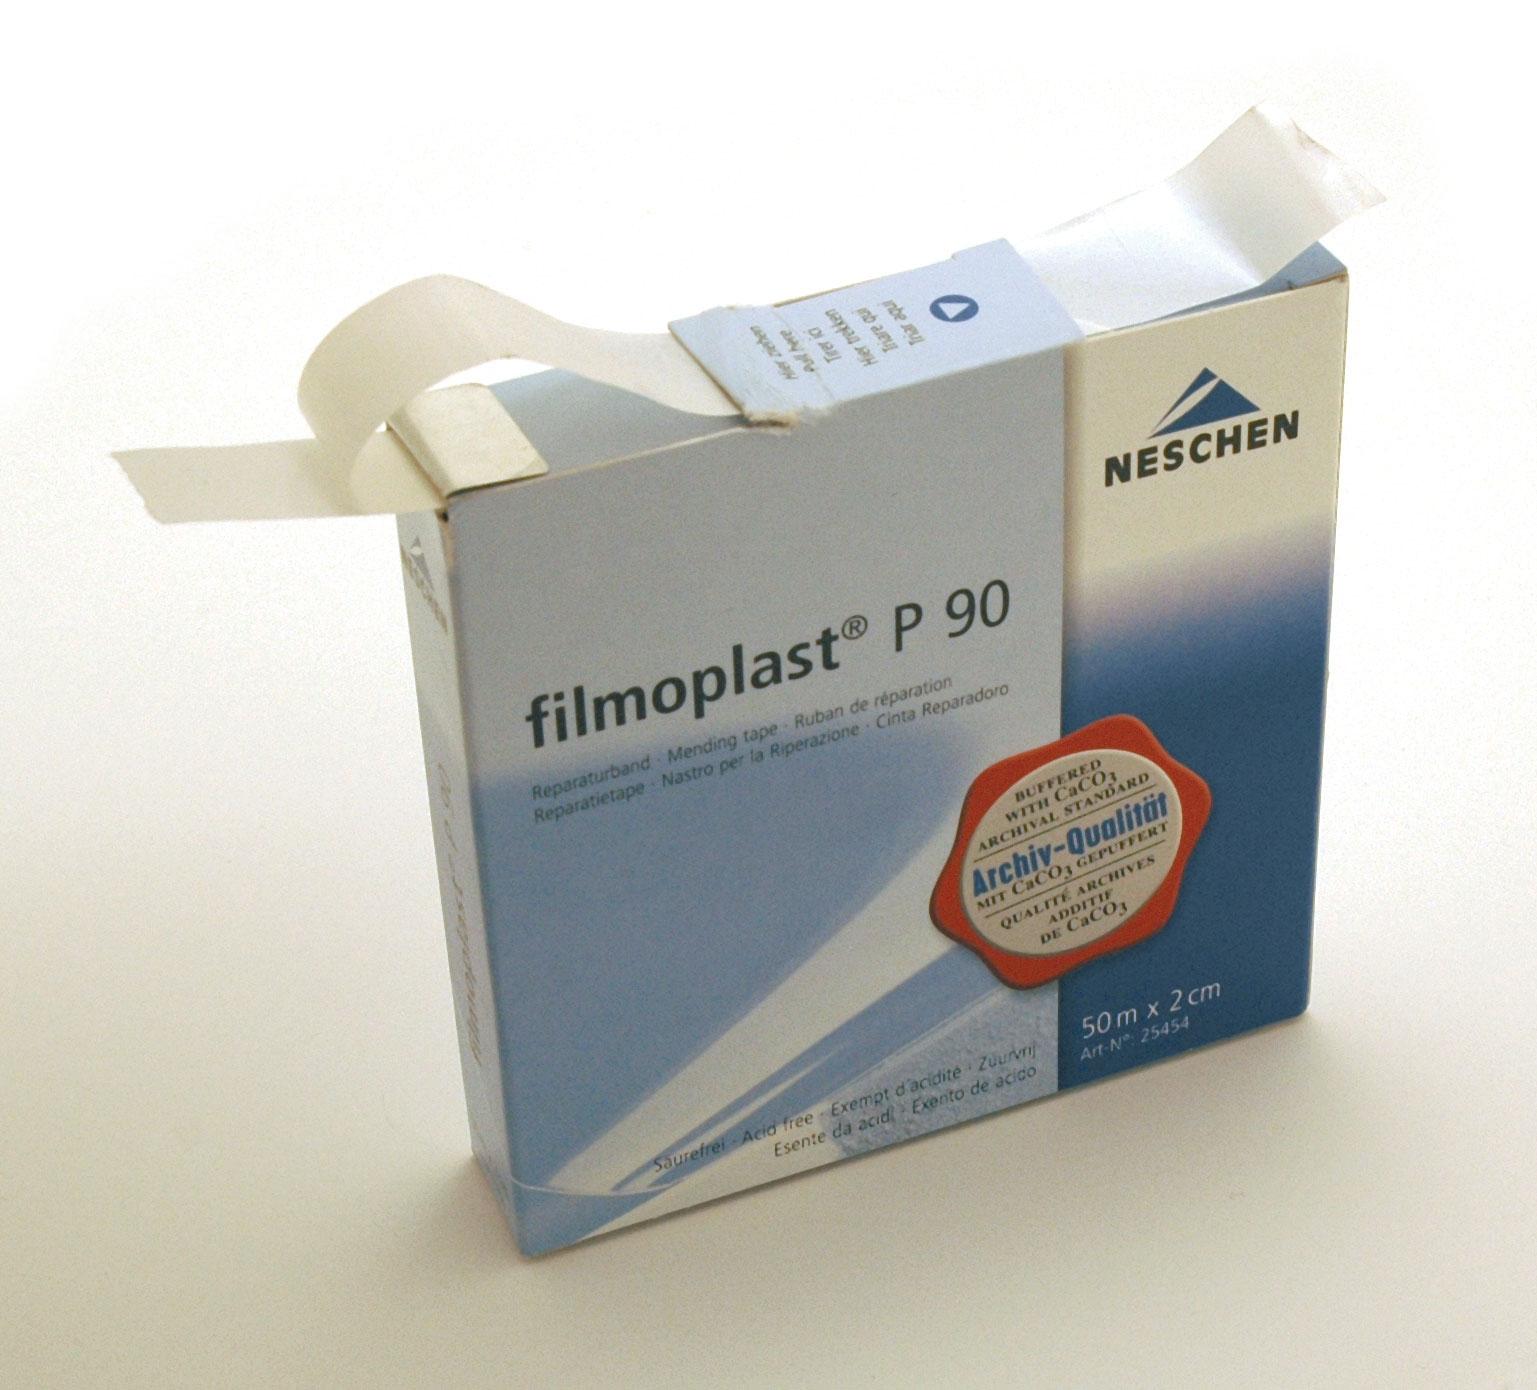 rouleau papier blanc adhésif utilisé pour fixer les documents, ph neutre, prise différée, boite distributrice de 50 mètres largeur 2cm